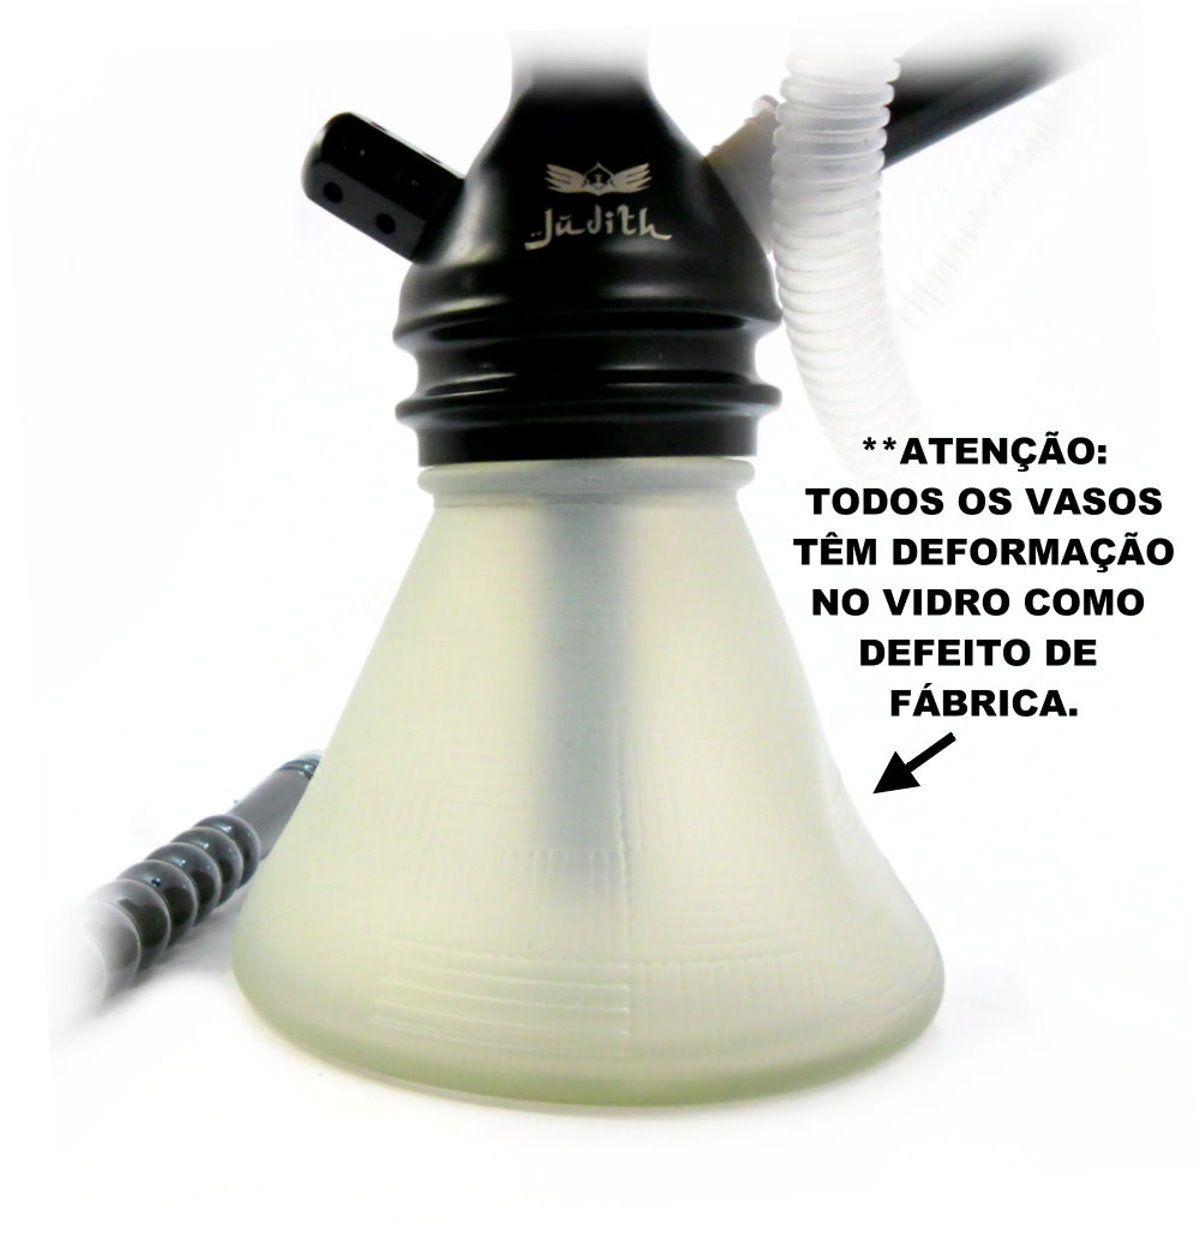 Narguile JUDITH PRETO MART 33cm, vaso Petit BRANCO mangueira MD HOSE, fornilho Flux Bowl PRETO, prato Vennus Prt/Cromado